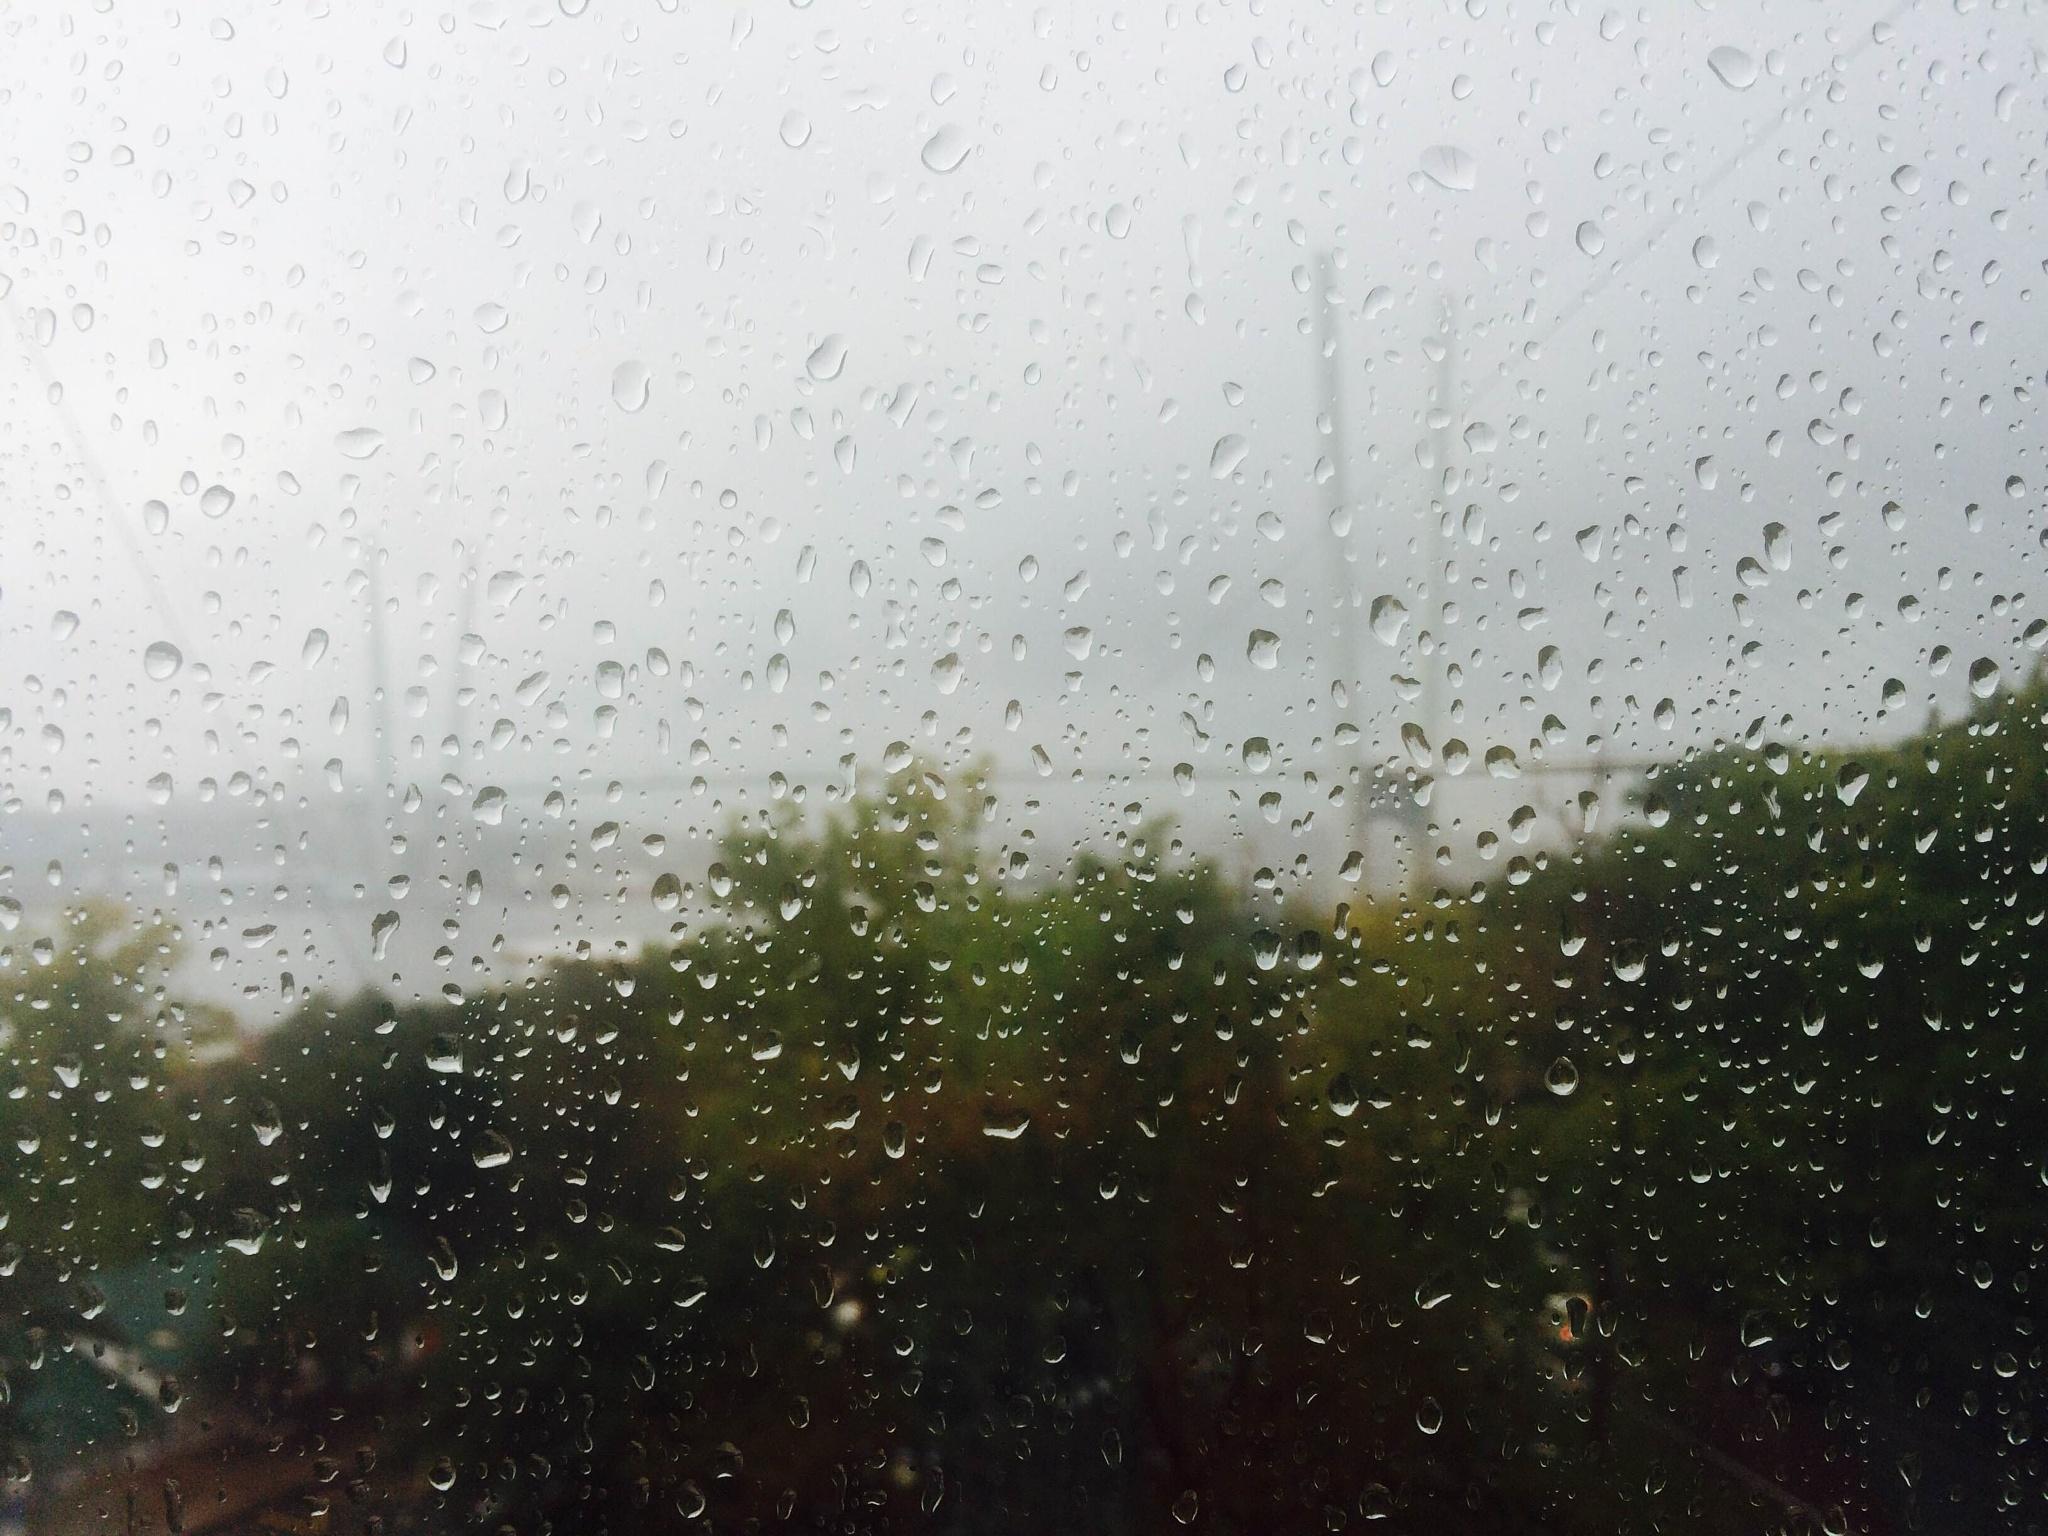 Raining again by Martin Blum